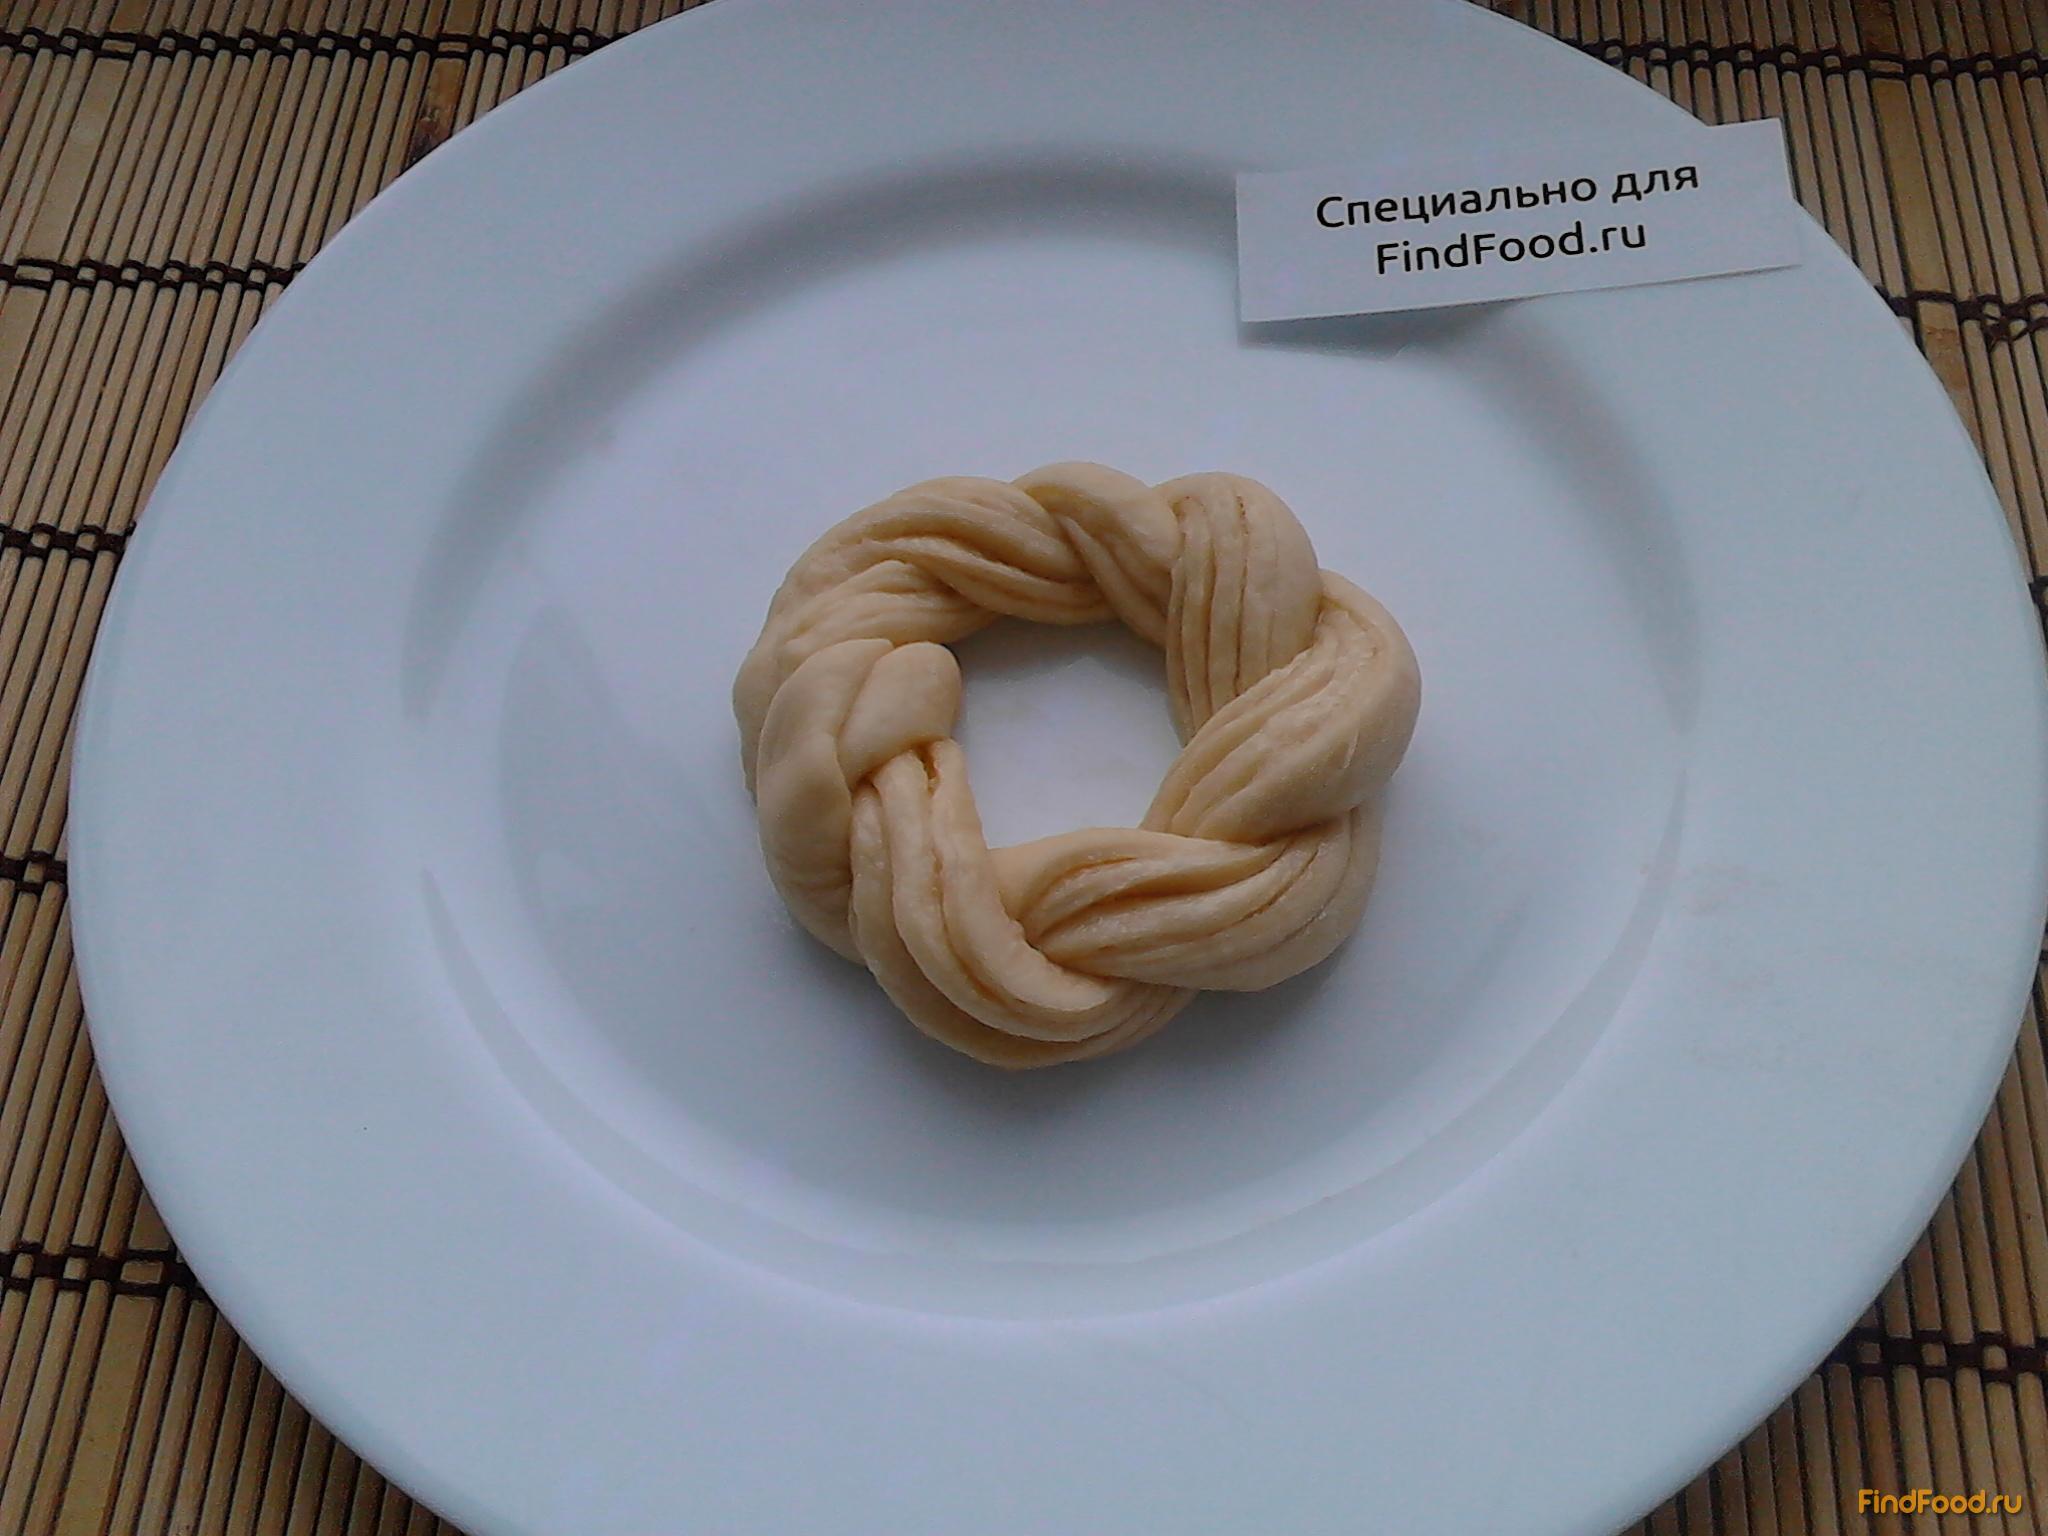 Песочное кольцо по ГОСТ у. Рецепт песочного печенья «Кольцо» с орехами 15